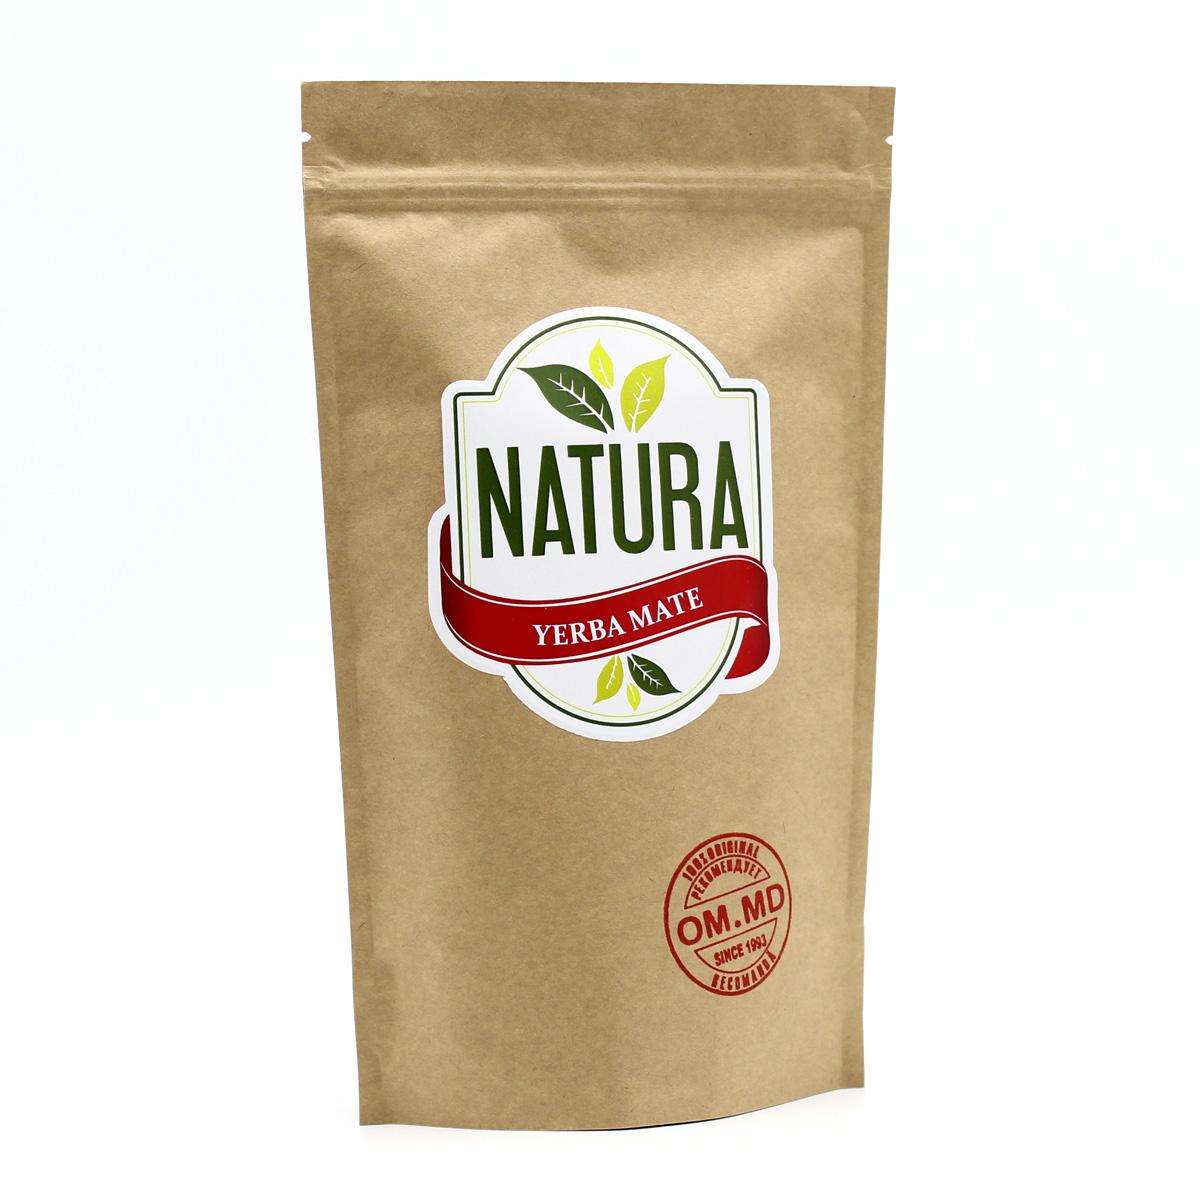 Mate Natura Hierbas Serranas (с мятой) (с малым содержанием пыли и стеблей)